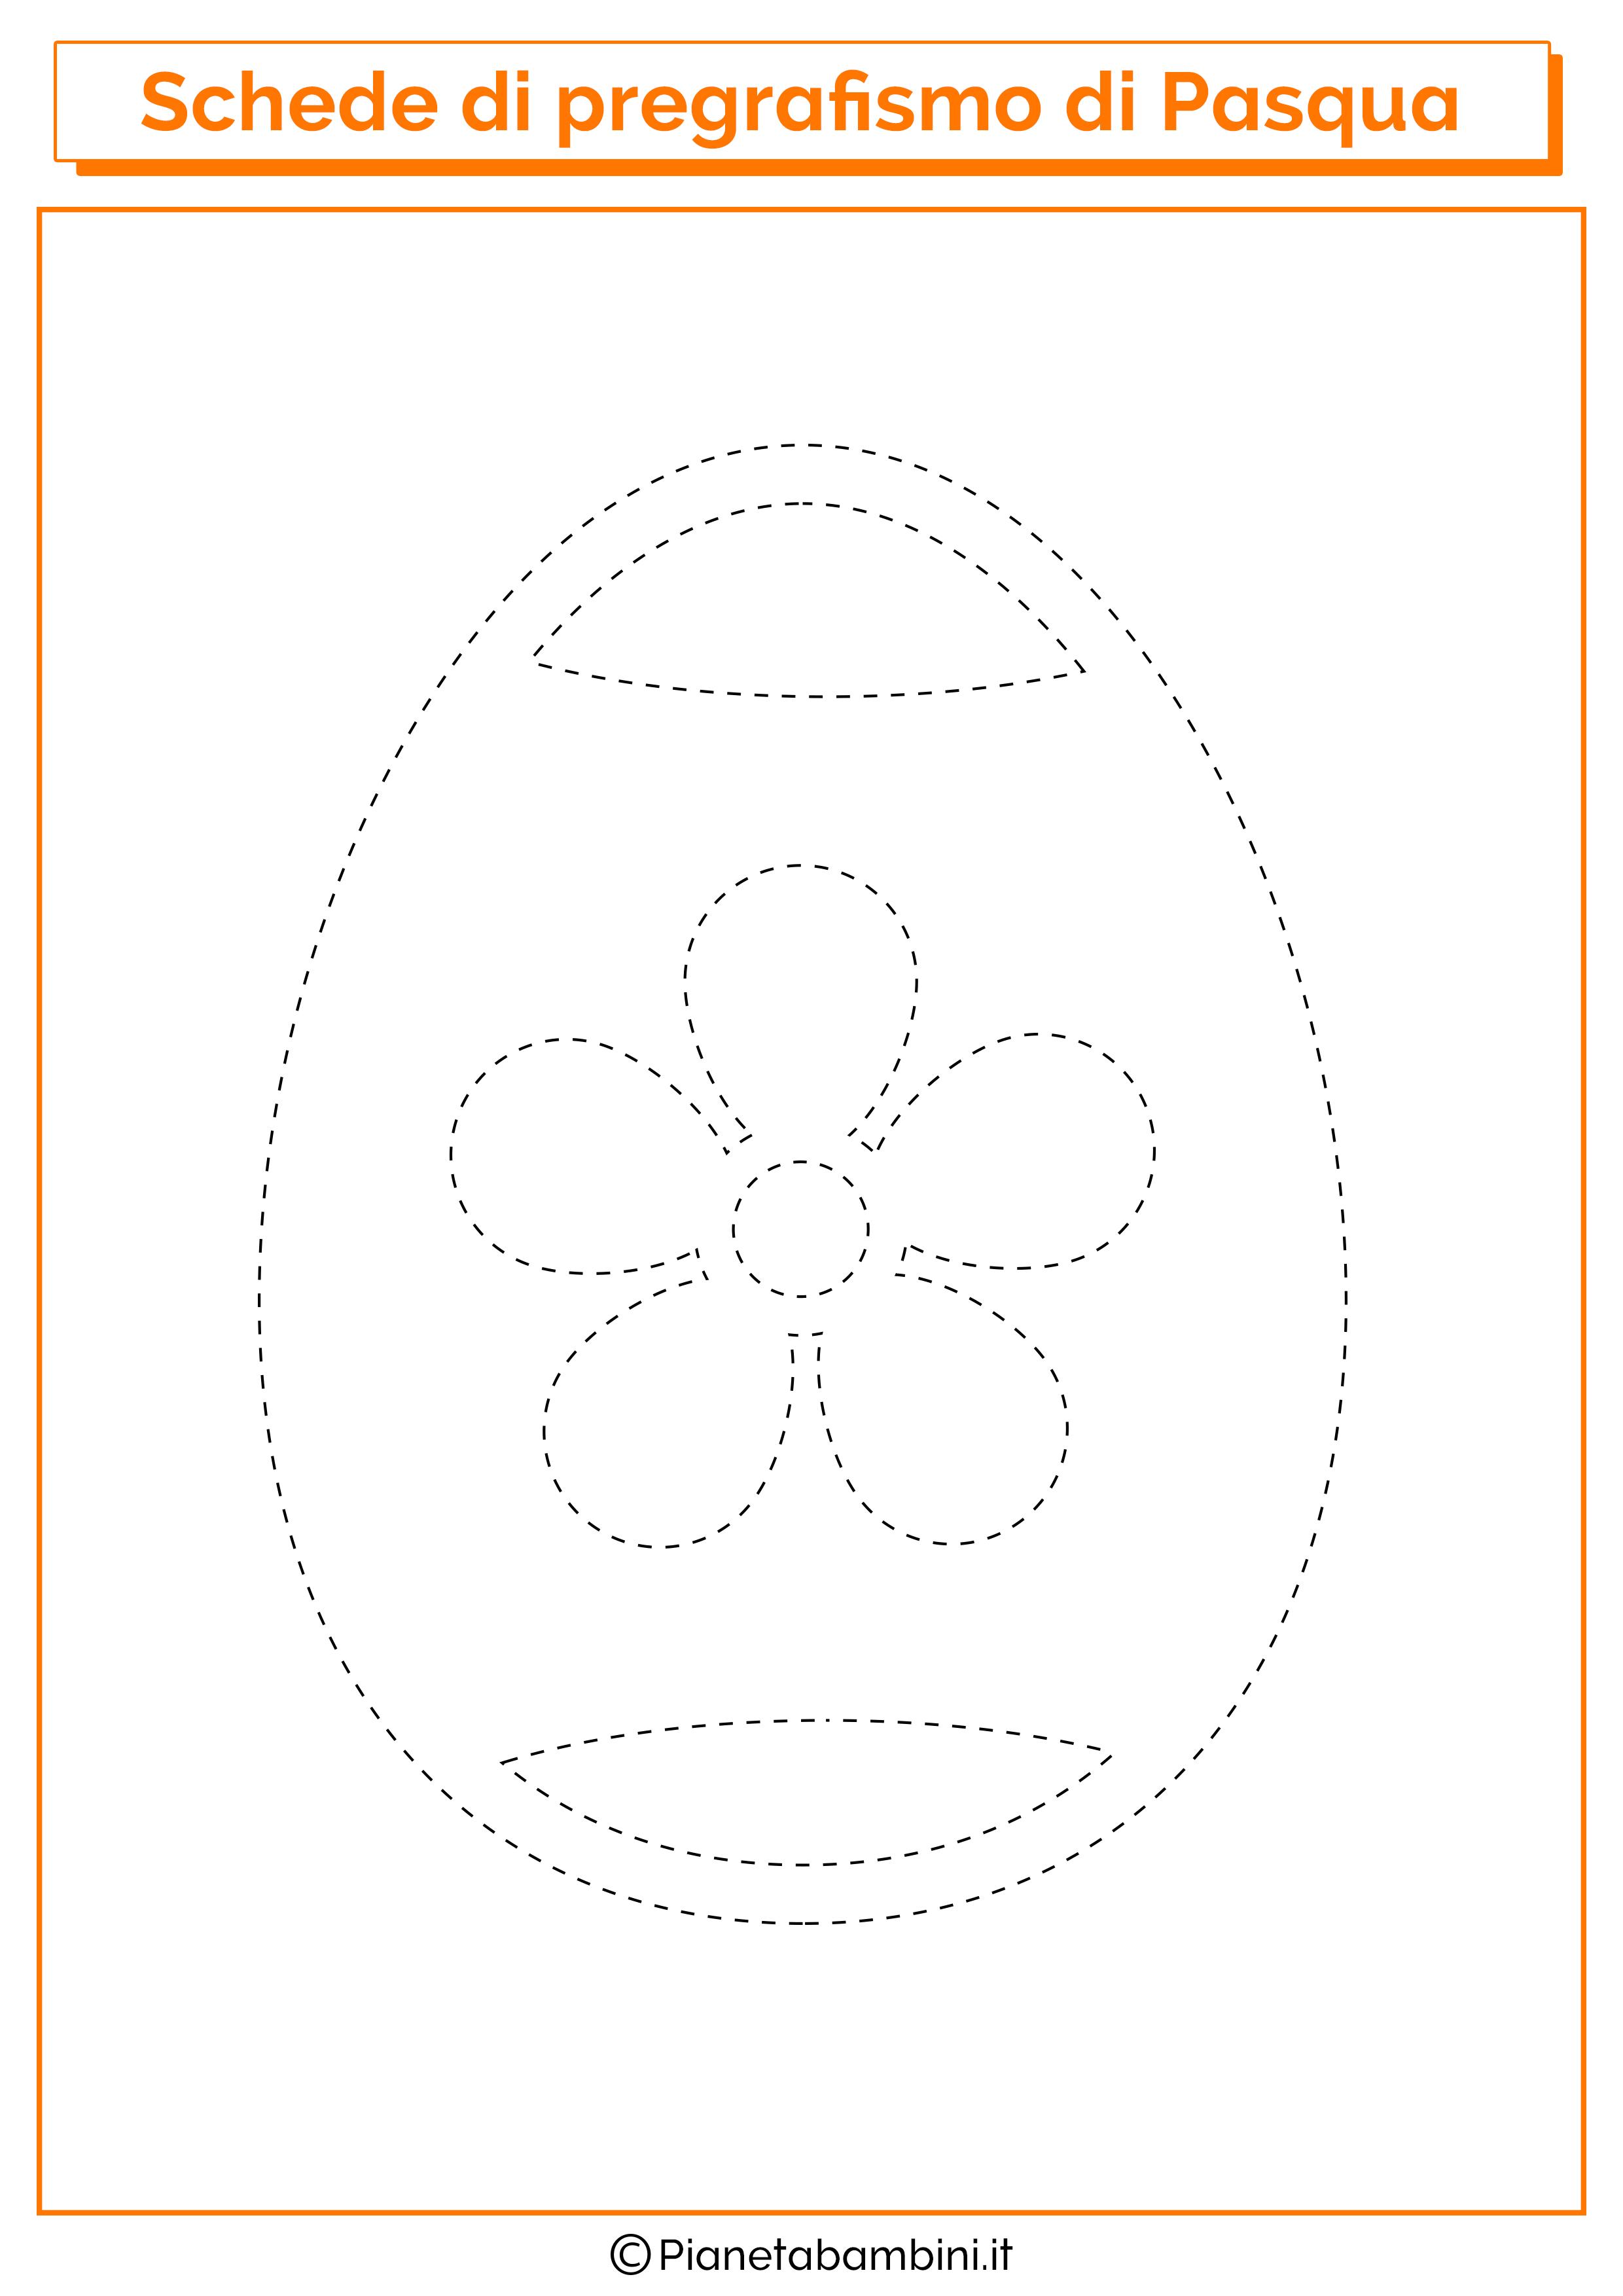 Scheda di pregrafismo sull'uovo di Pasqua decorato